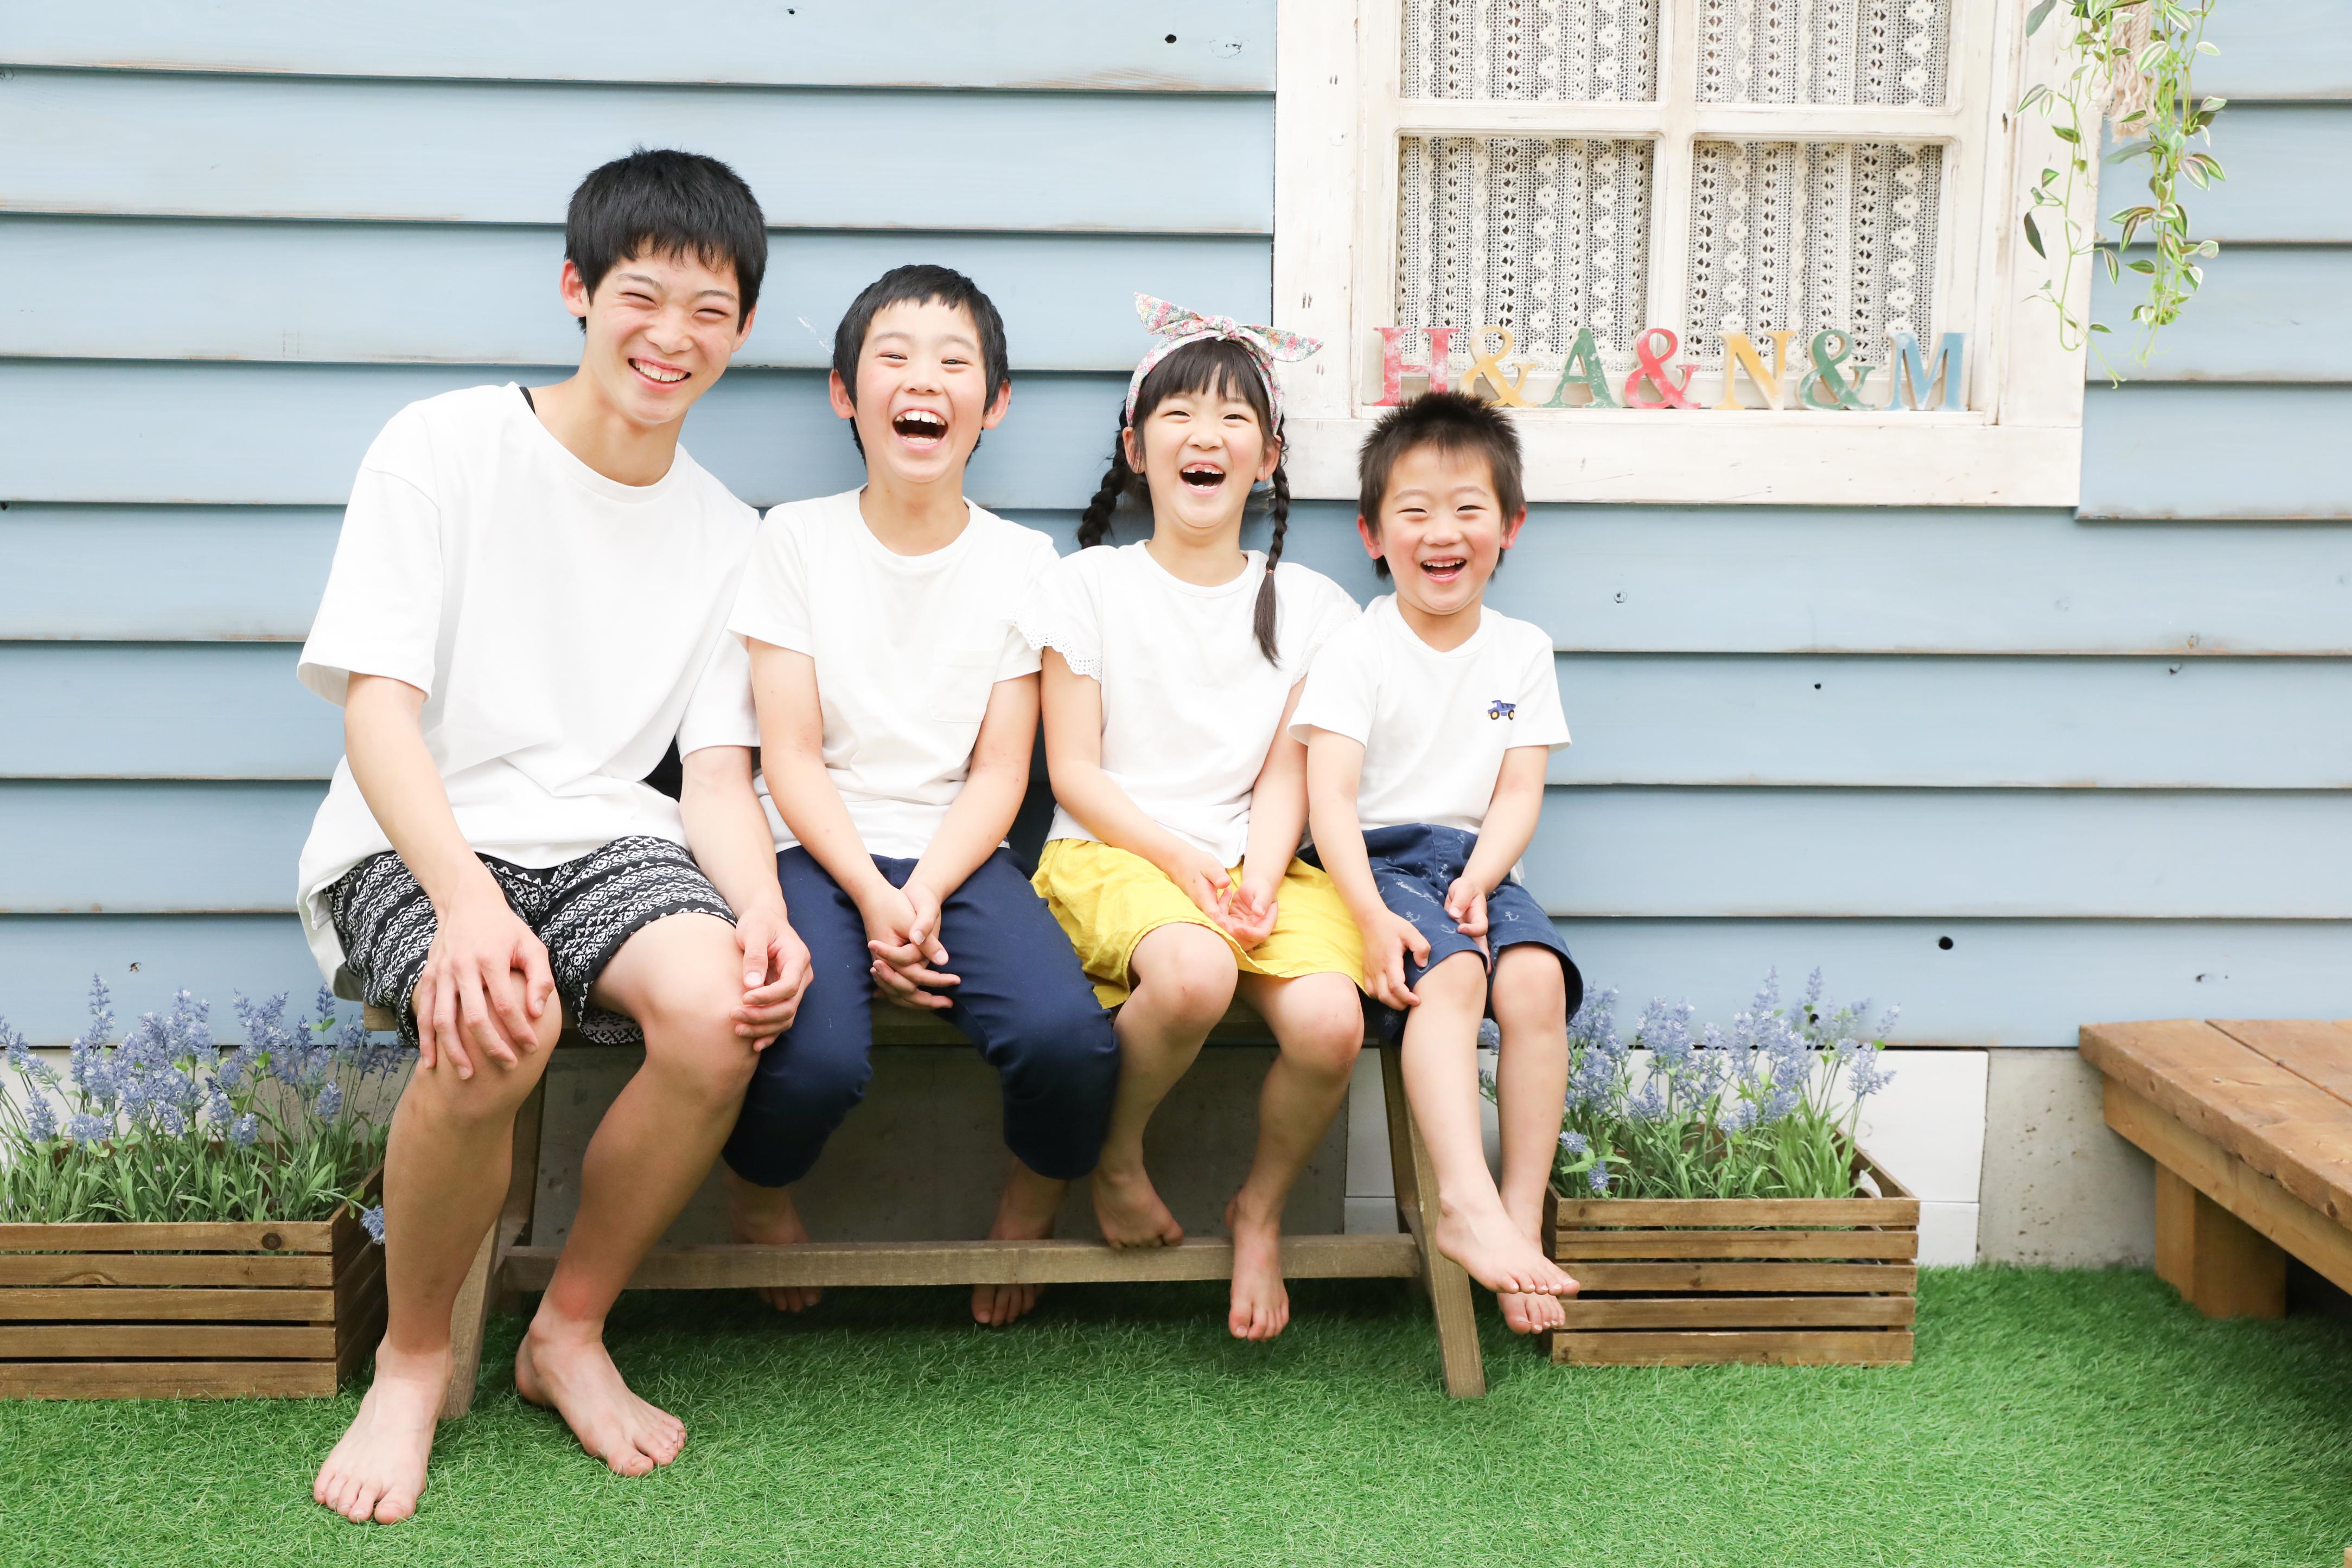 【753】6歳女の子と4歳男の子